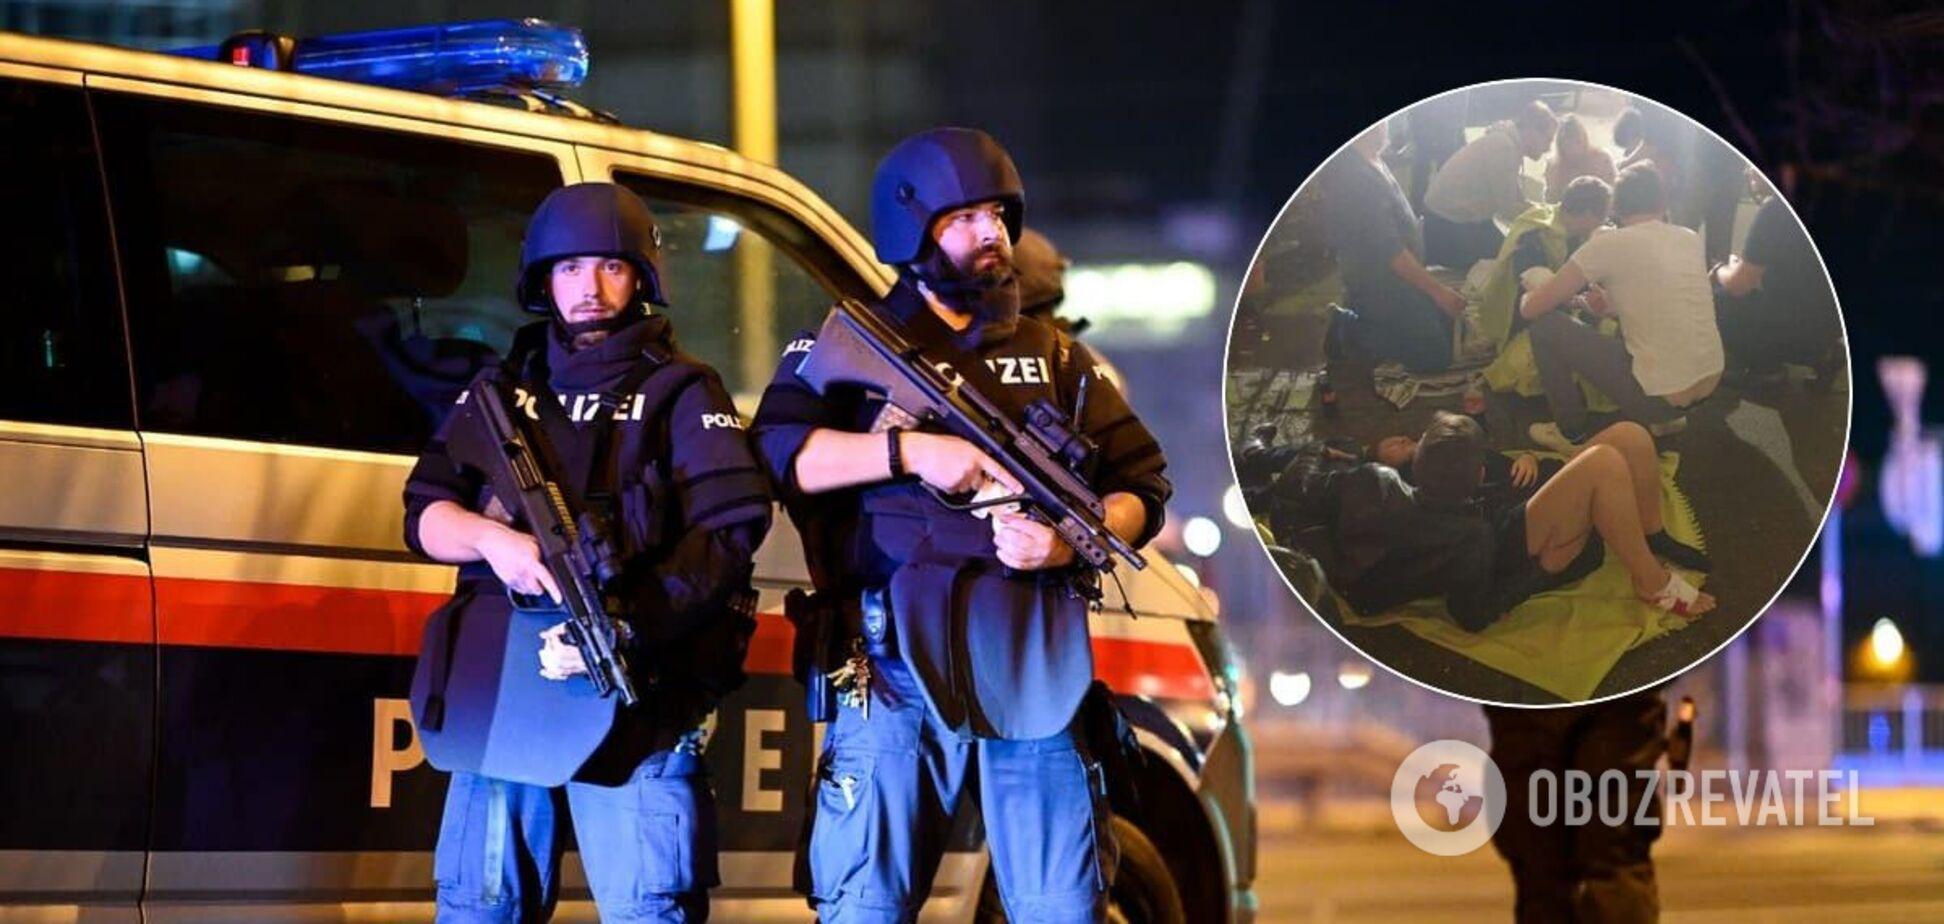 В Вене пострадали несколько человек во время теракта